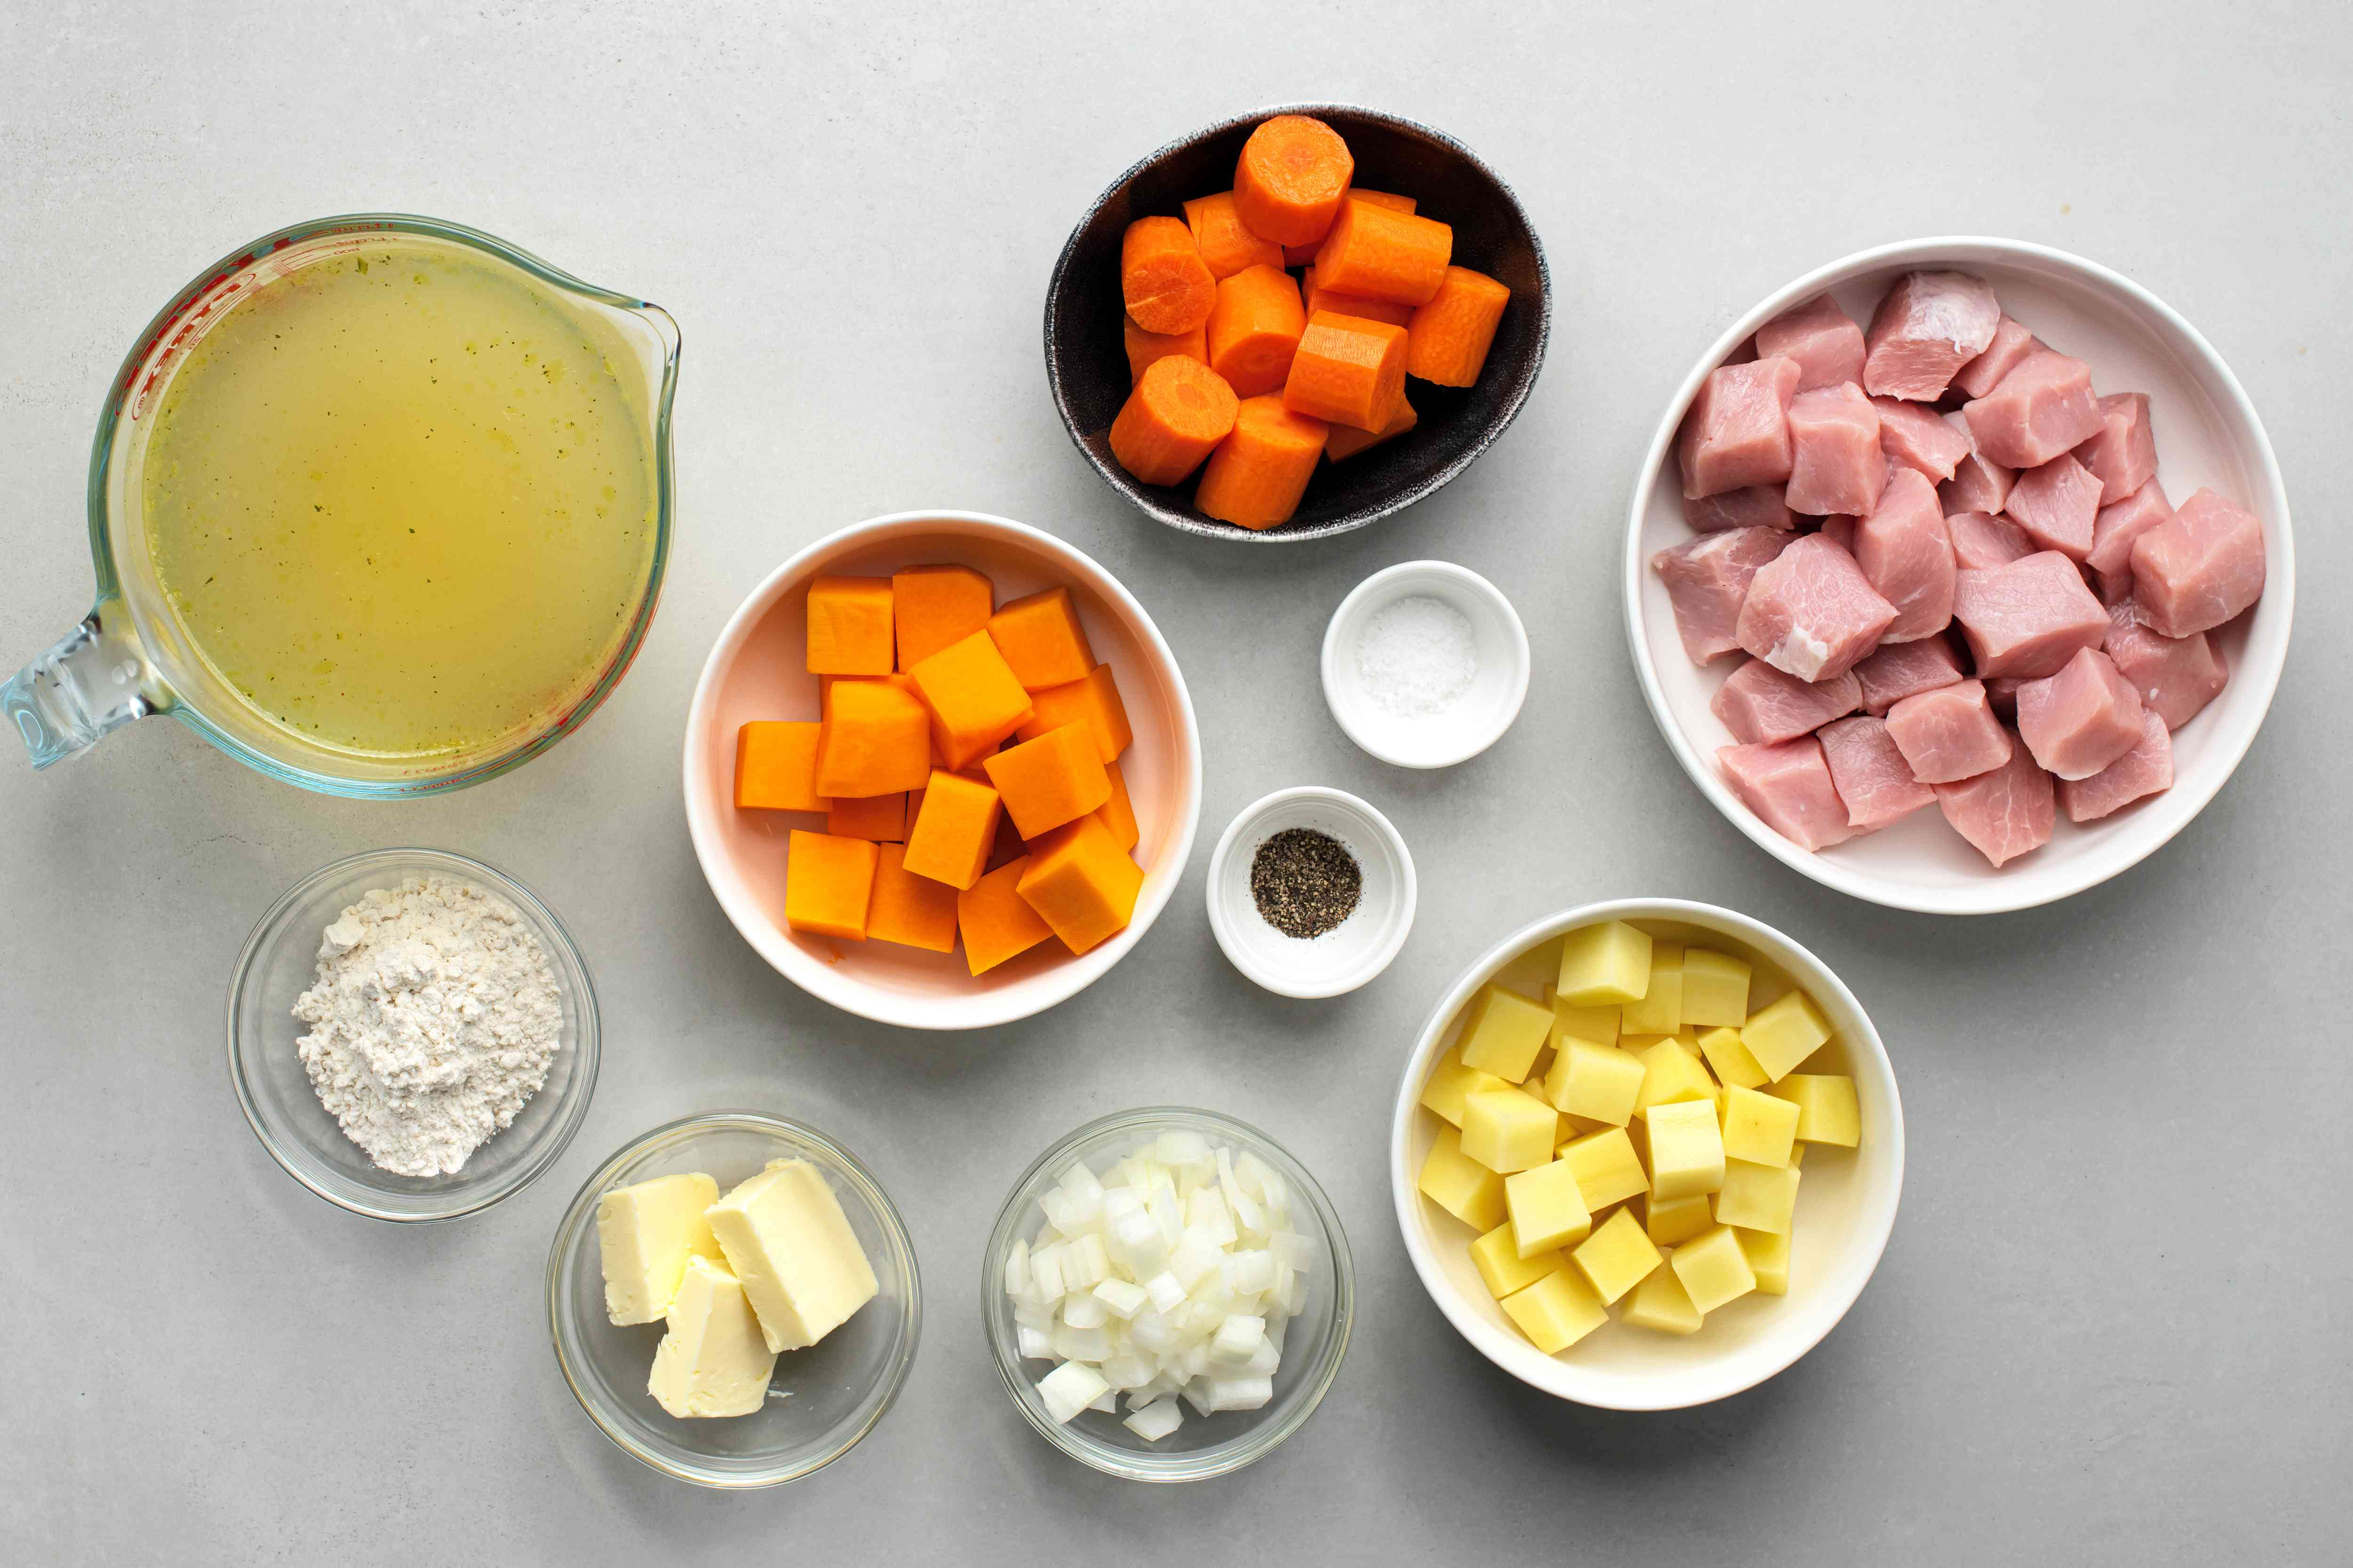 Slow Cooker Cubed Pork Stew ingredients